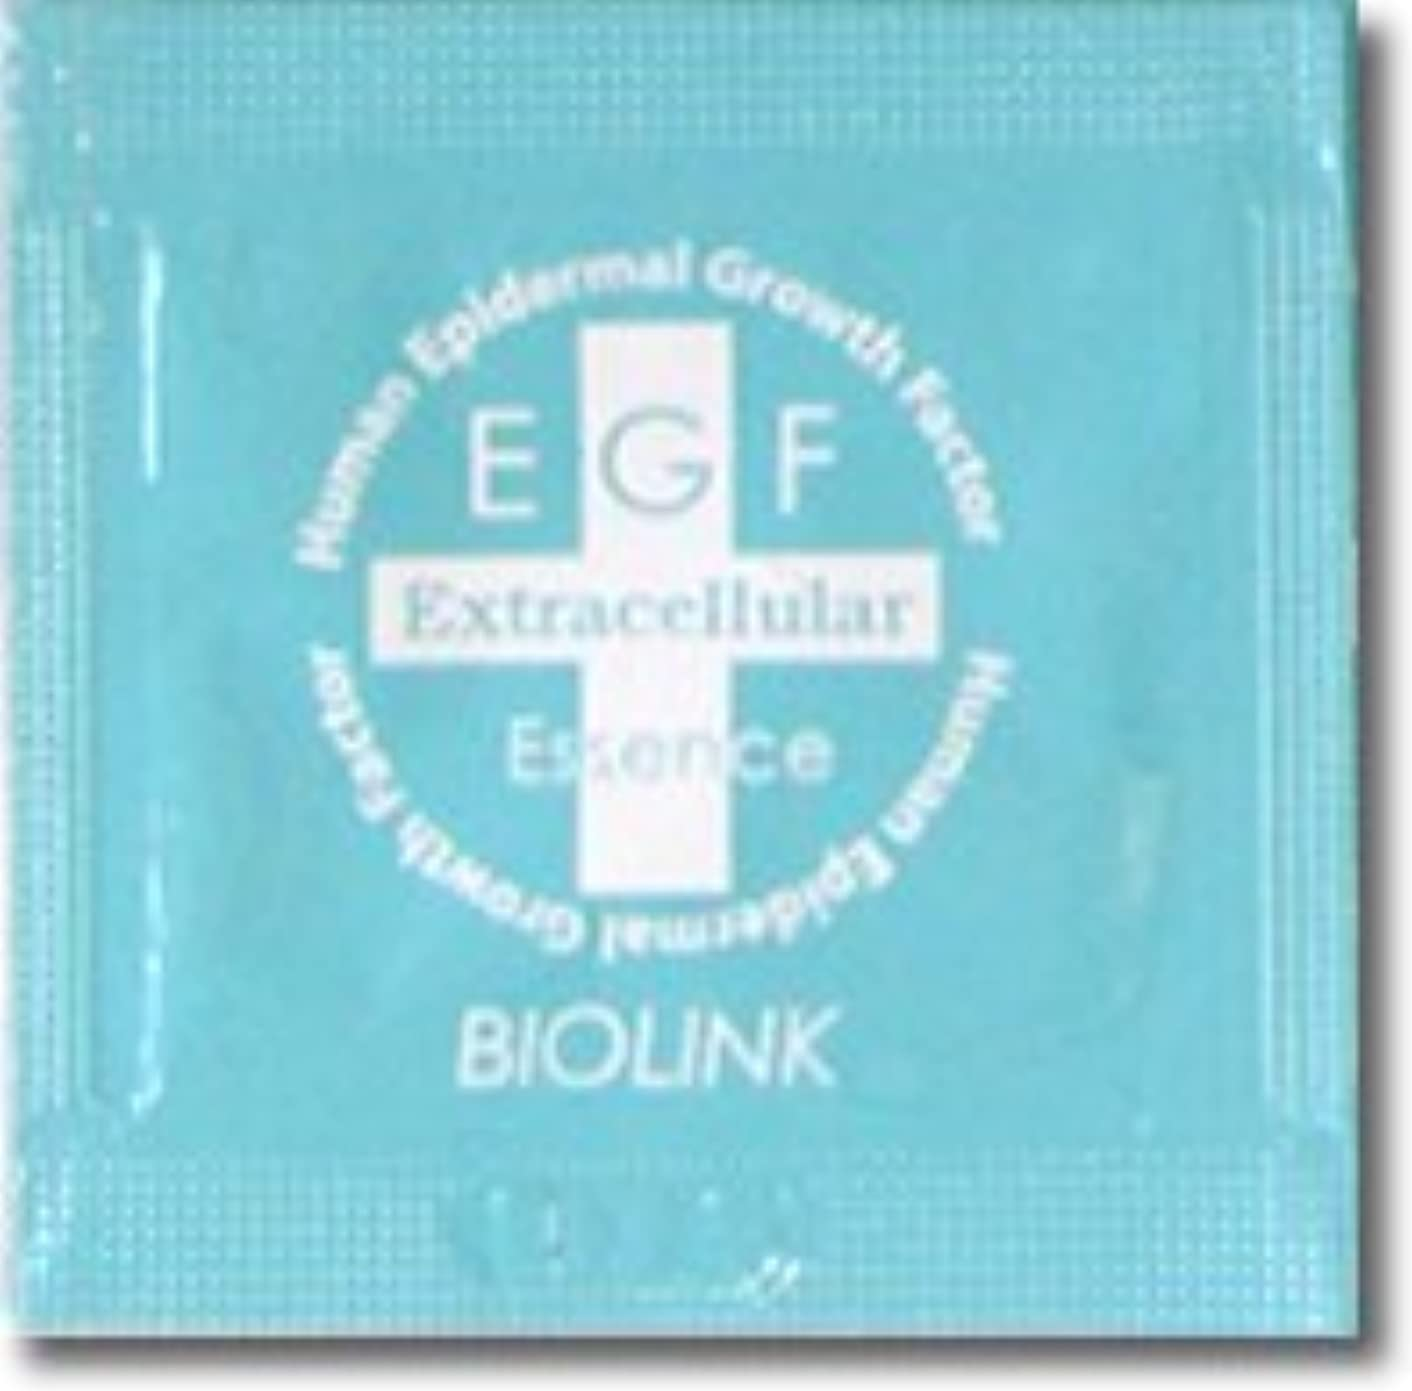 耳治世カセットバイオリンク EGF エクストラエッセンス 分包 100個+10個おまけ付きセット